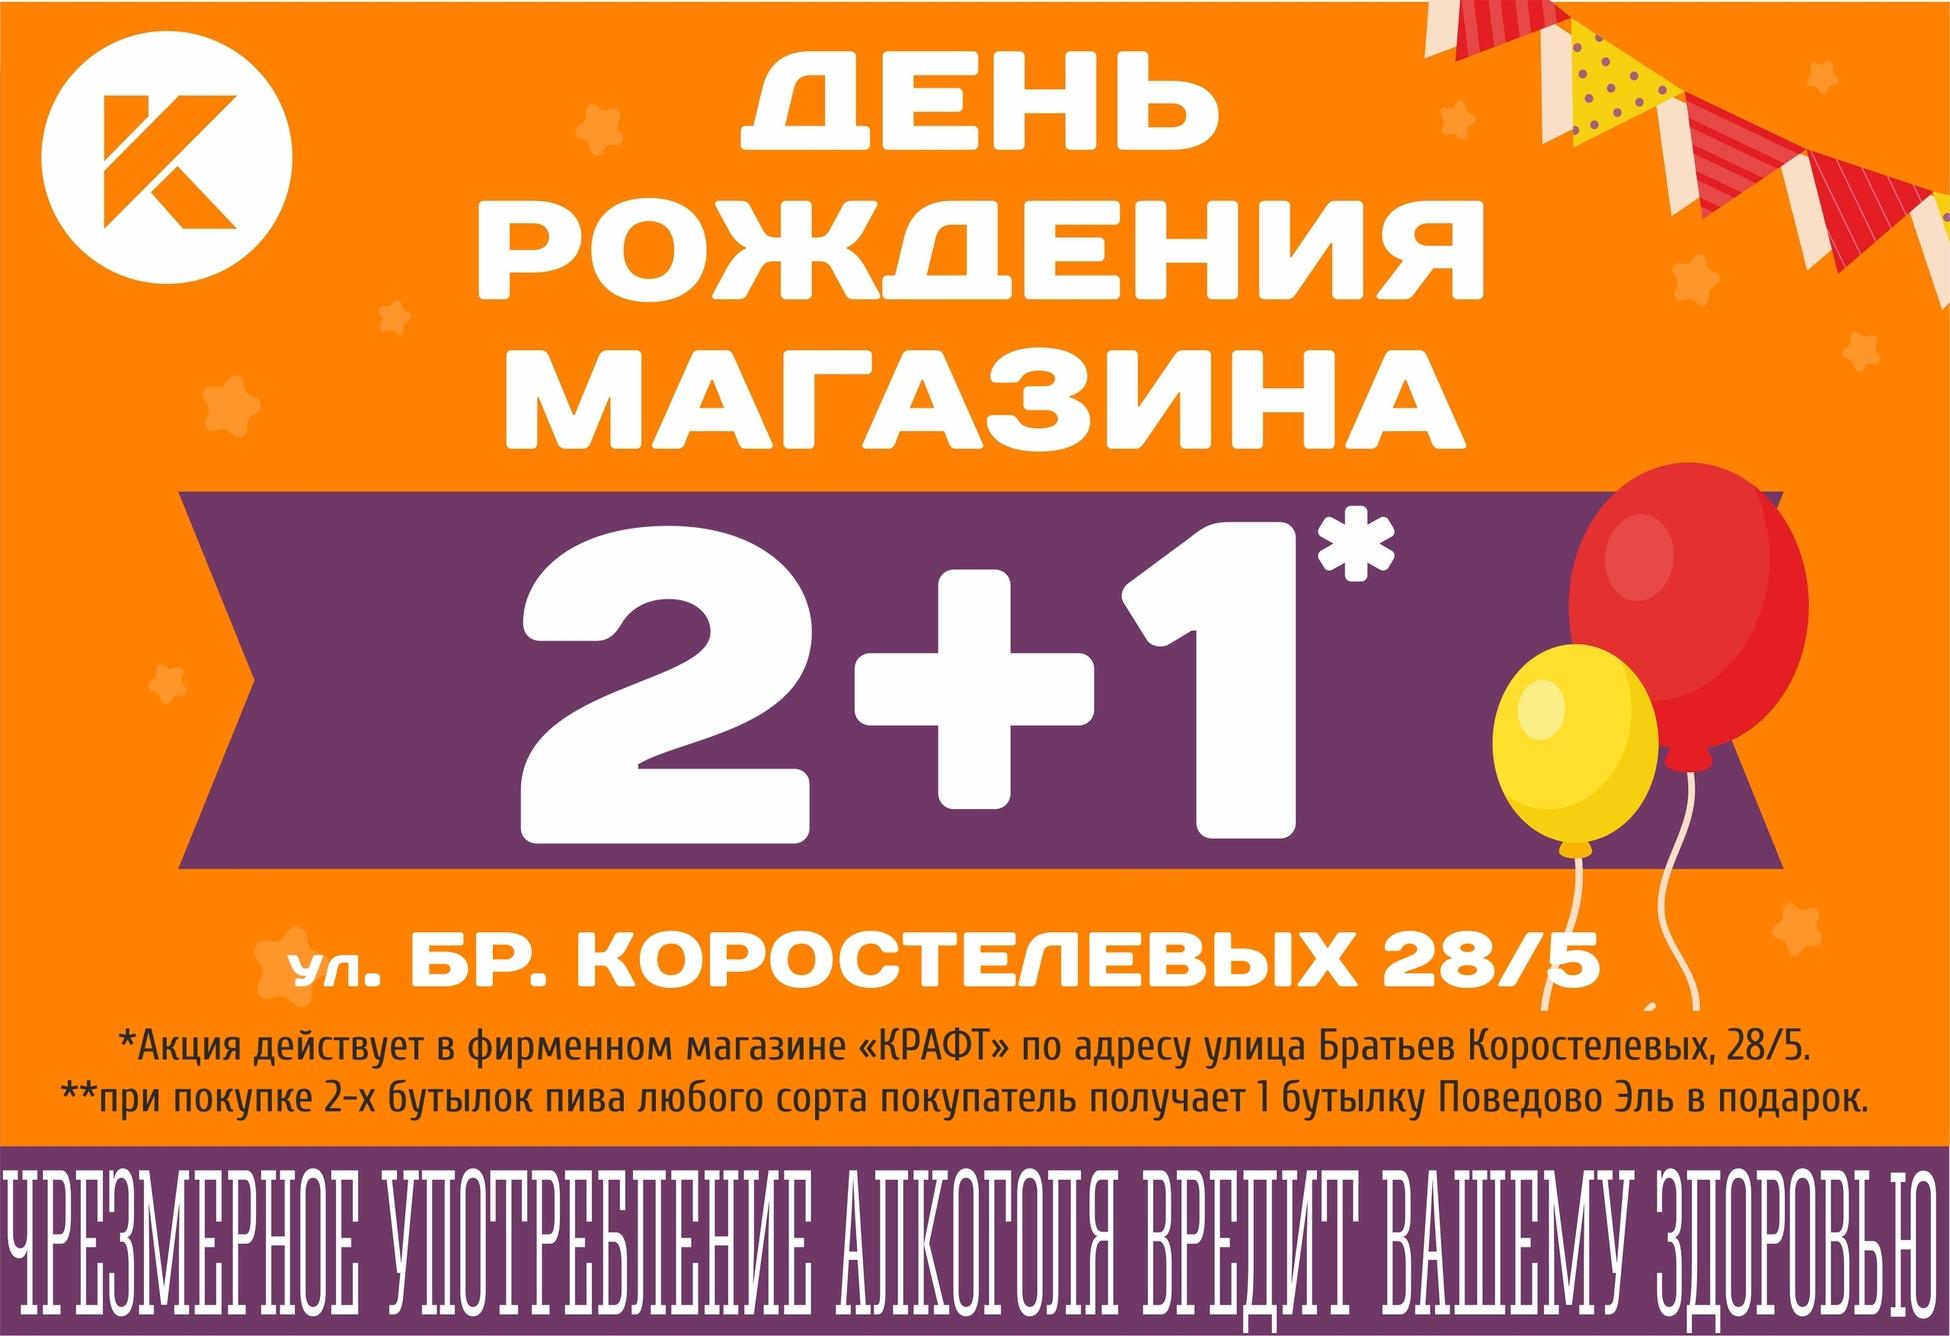 День рождения магазина на улице  Бр. Коростелевых 28/5